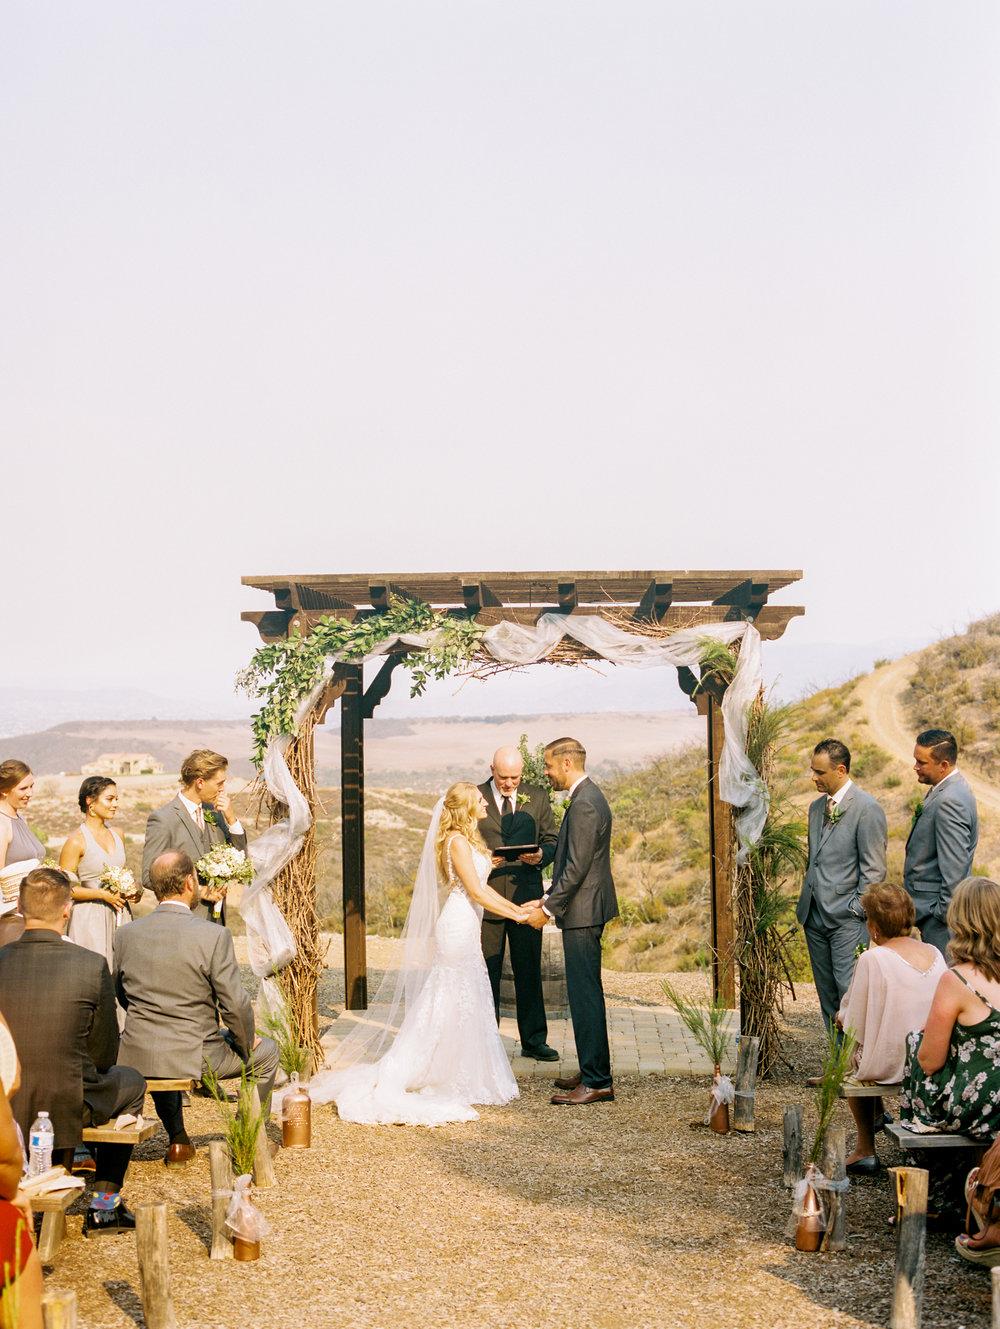 dennisroycoronel_ashleyanthony_vanessahudgens_austinbutler_wedding_losangeles_photographer-126.jpg